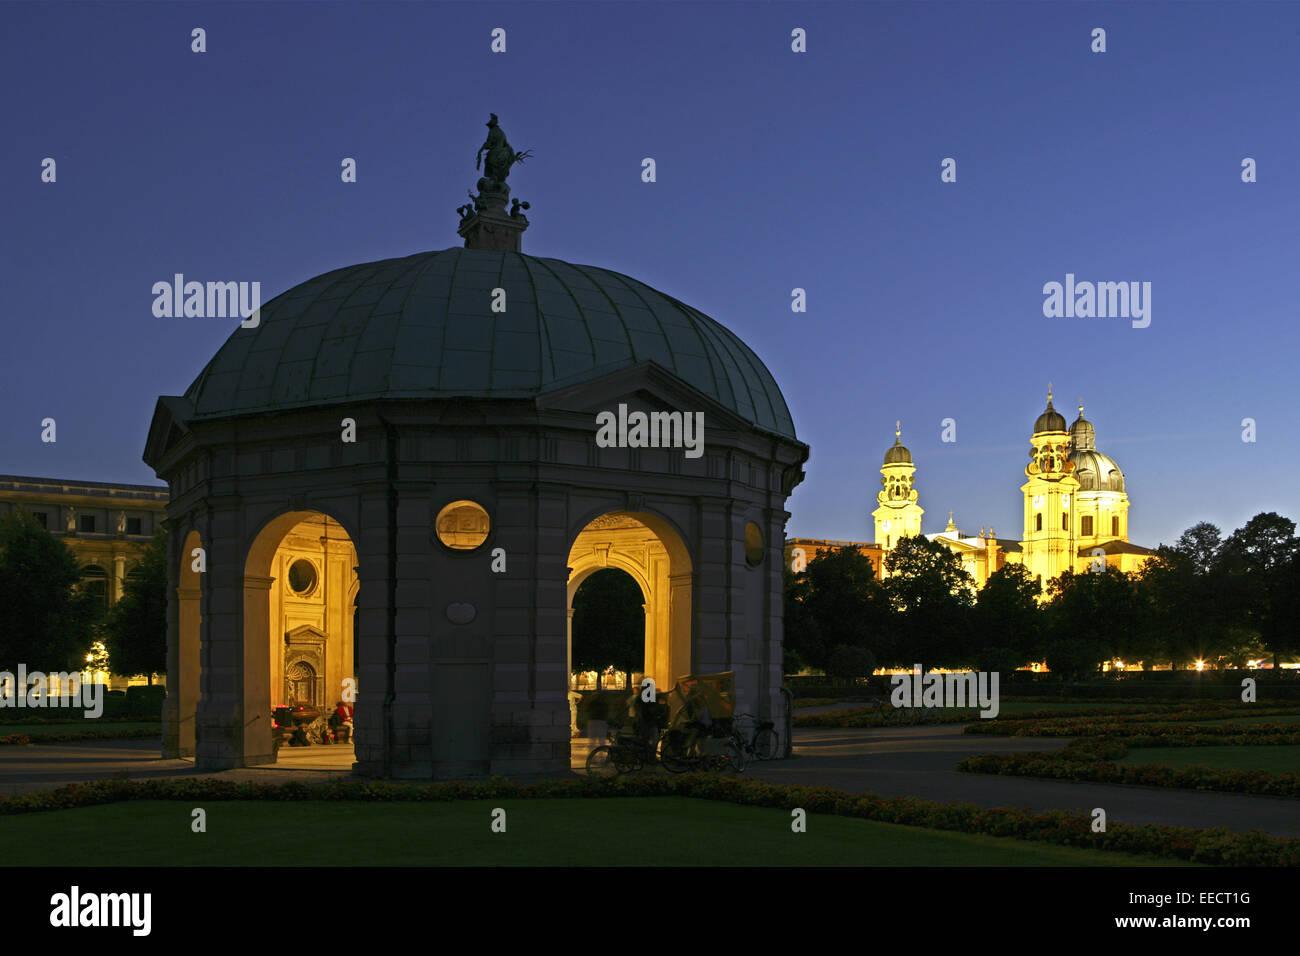 Architektur, Bauwerk, Bauwerke, Dianatempel, Gebaeude, Geschichte, Hofgarten, Landeshauptstadt, Oberbayern, Park, - Stock Image